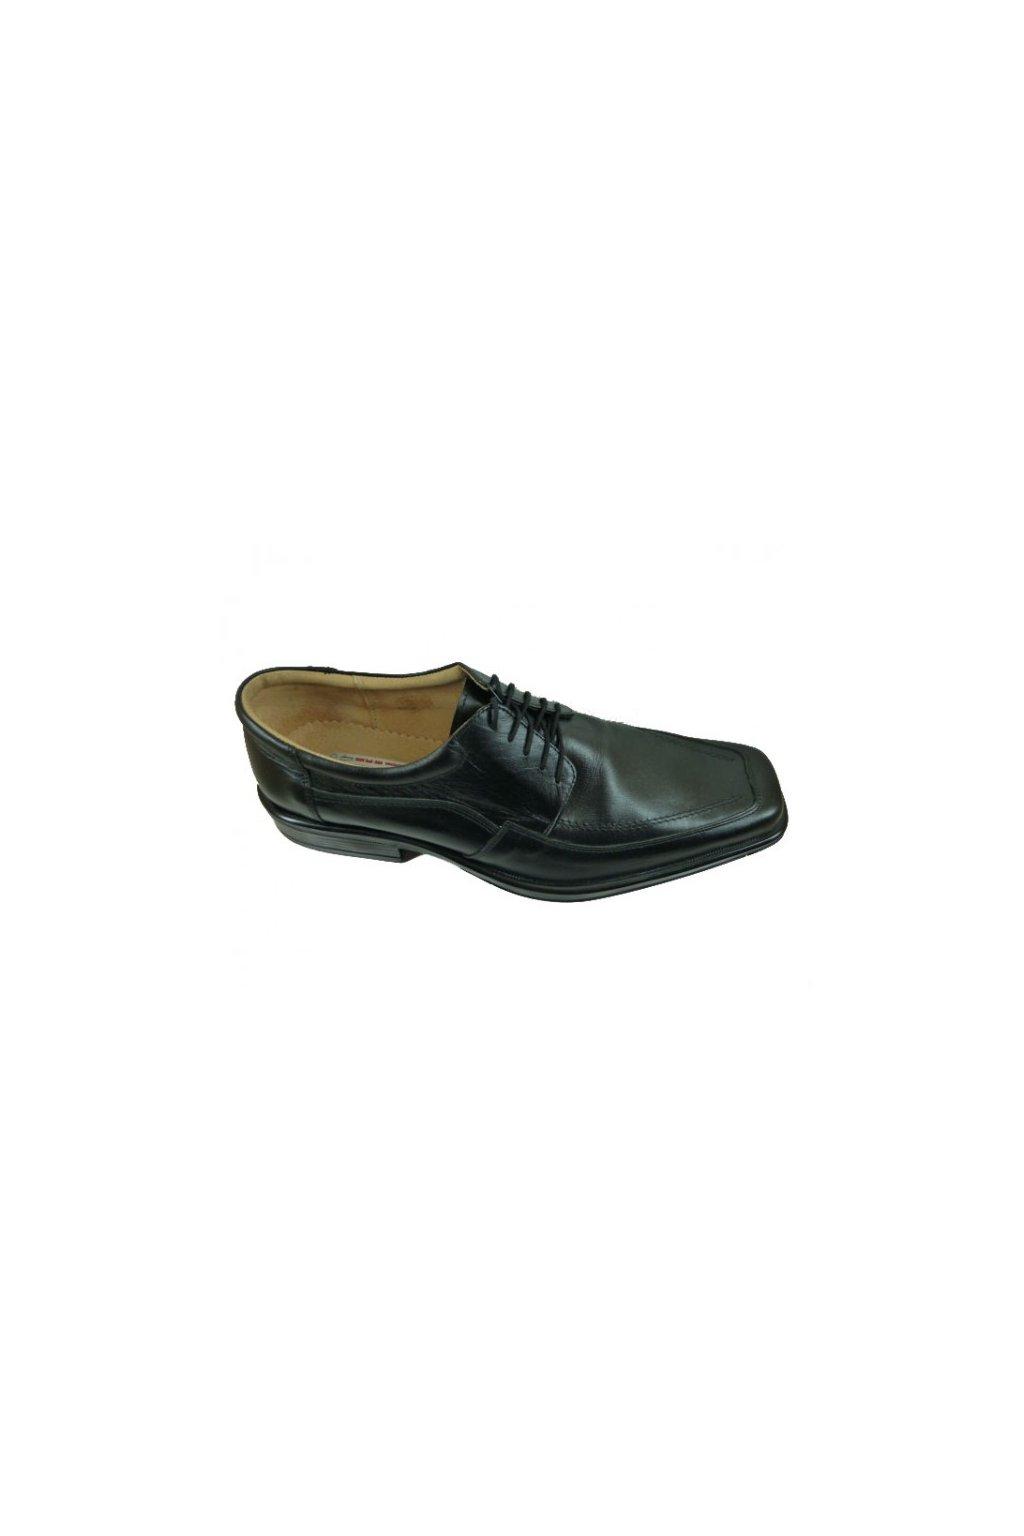 Nadměrná pánská obuv Kuda 526 černá